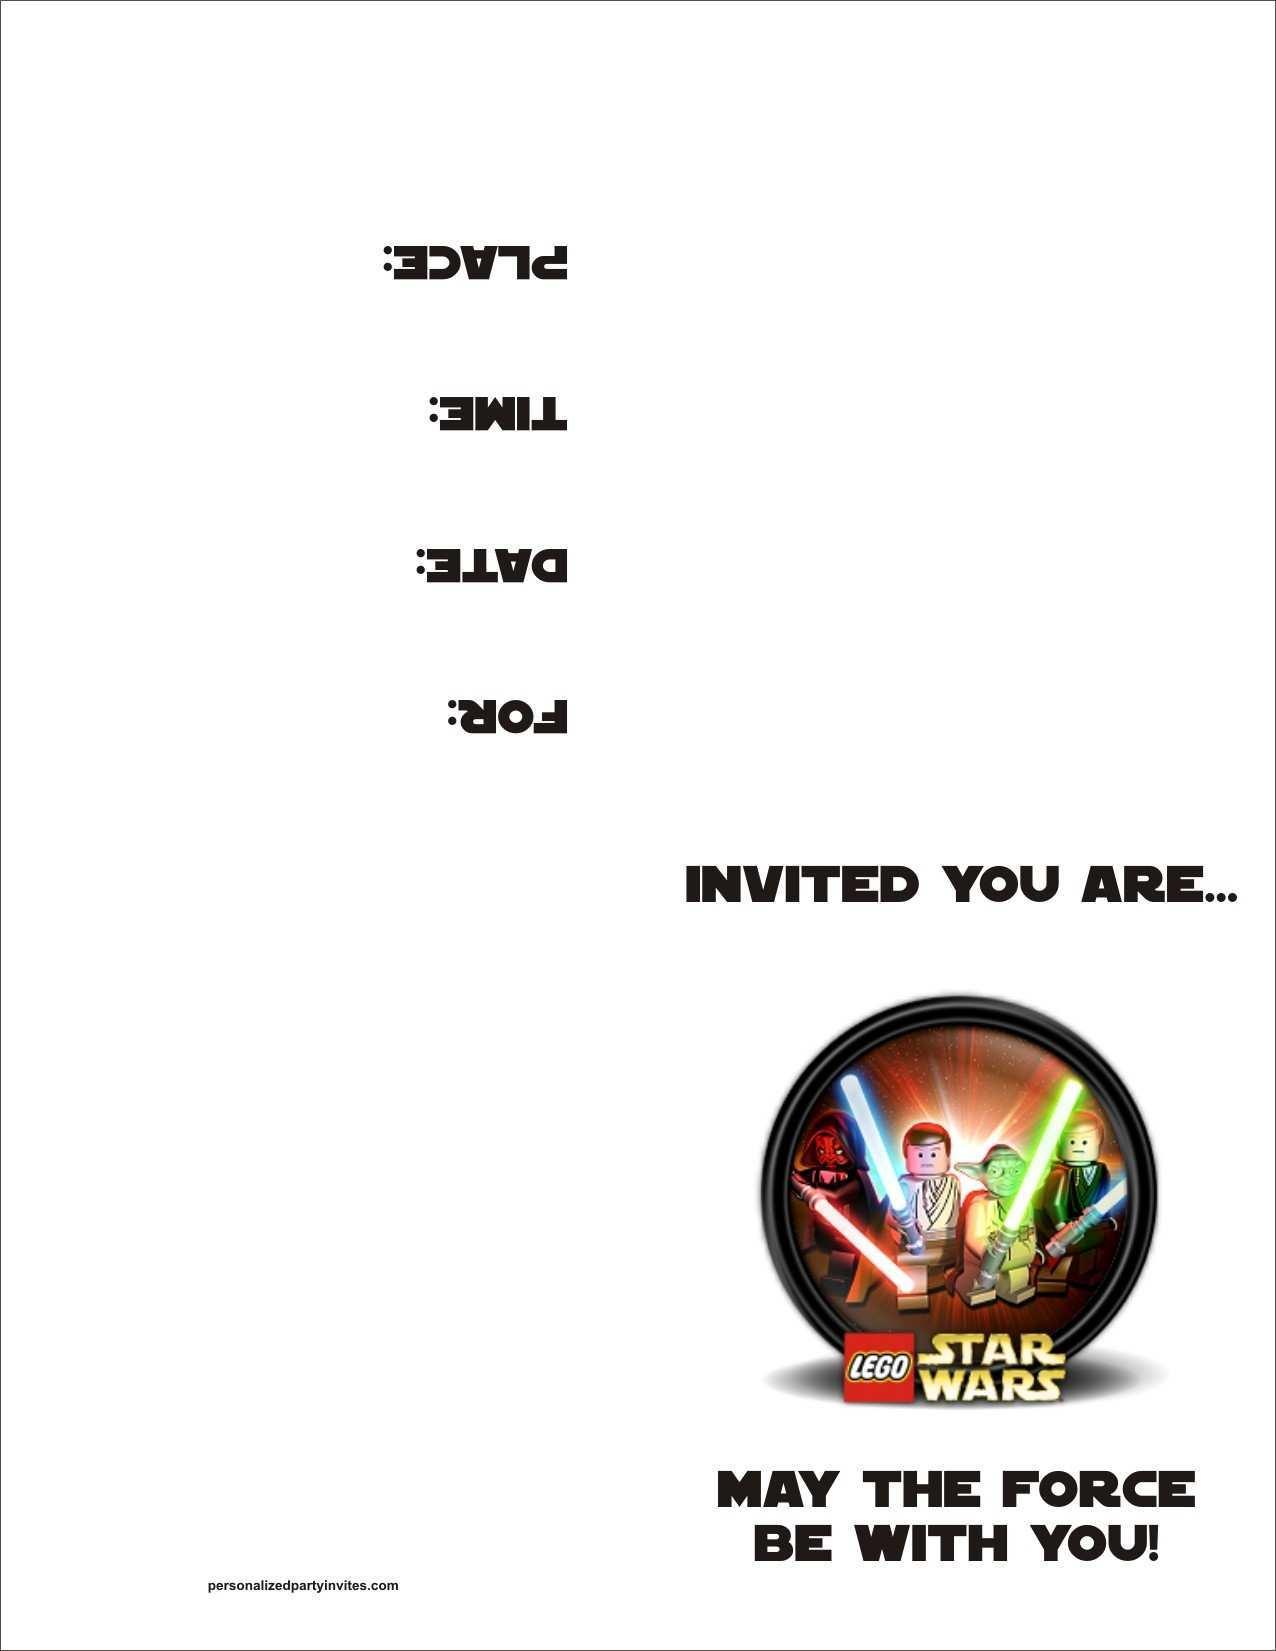 96 Visiting Star Wars Birthday Invitation Template Maker with Star Wars Birthday Invitation Template